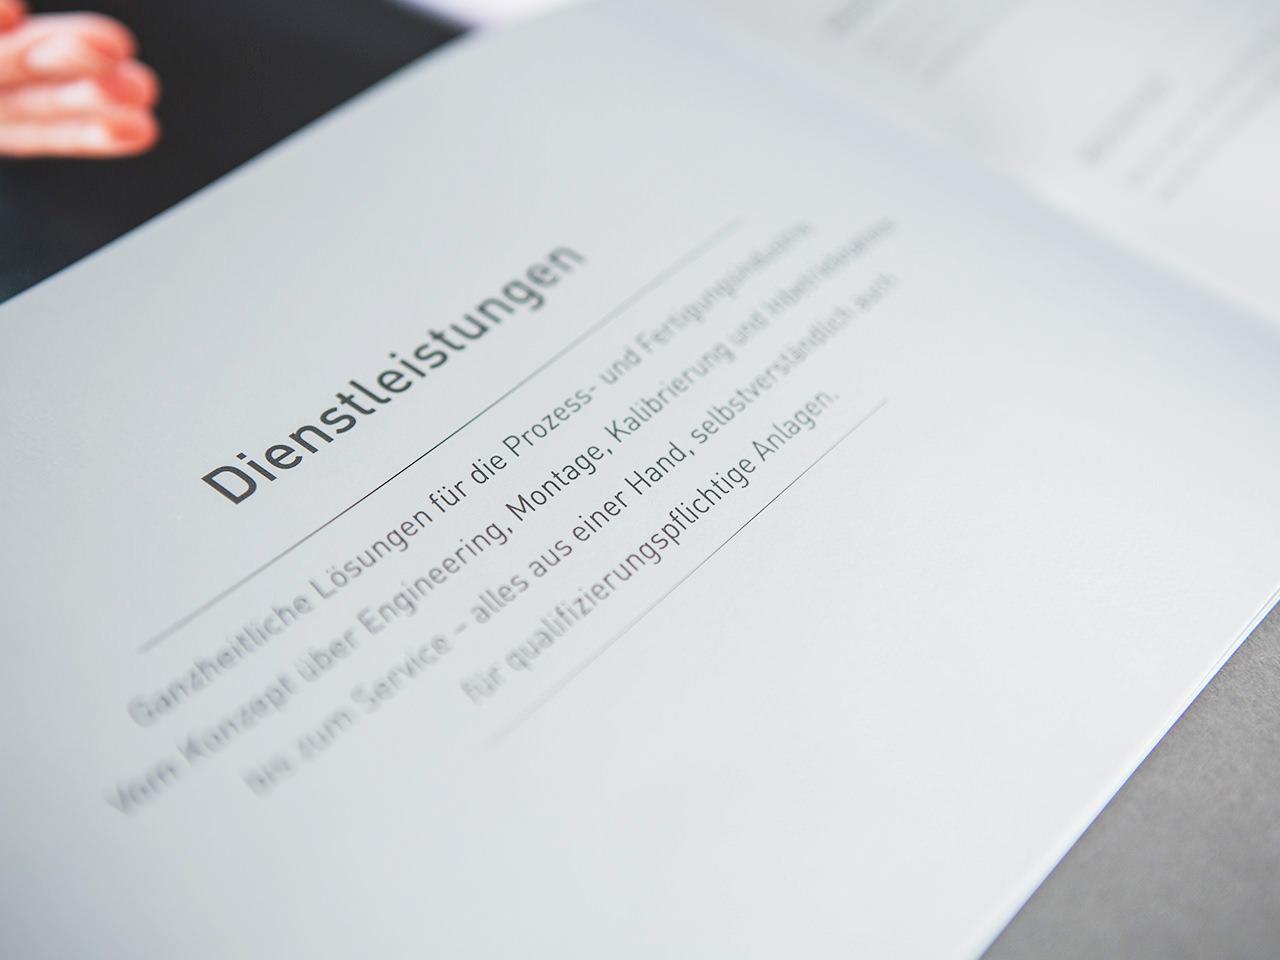 Sabath Media Werbeagentur - Stadler + Schaaf – Projektbeispiel - Referenzbild 5